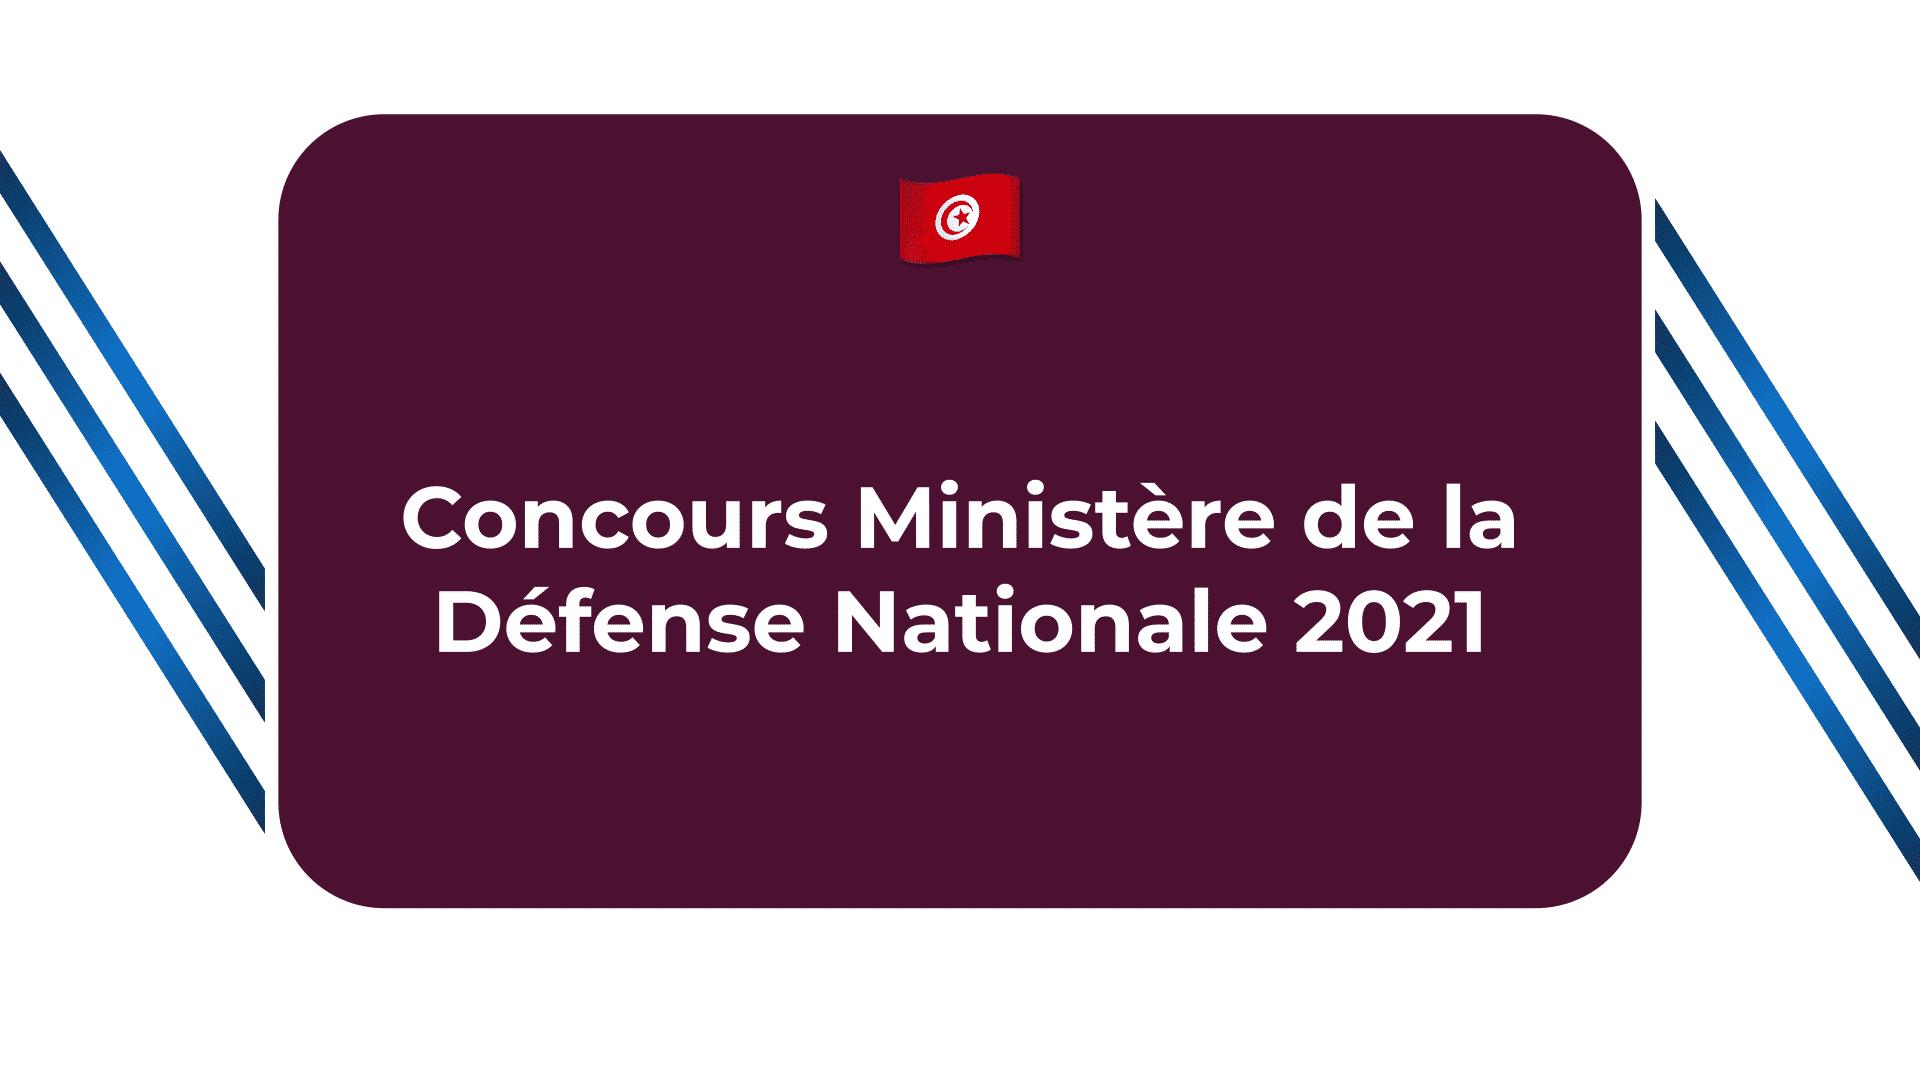 Concours Ministère de la Défense Nationale